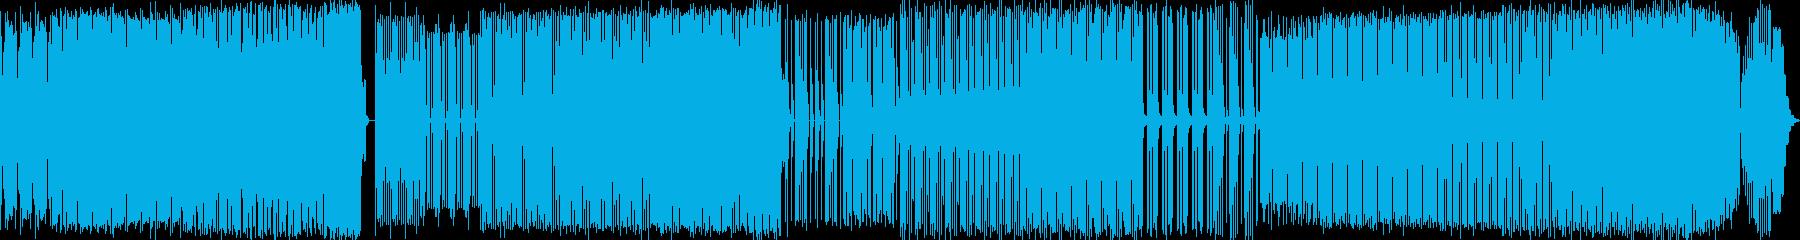 軽快なパーカッションの掛け合いの再生済みの波形